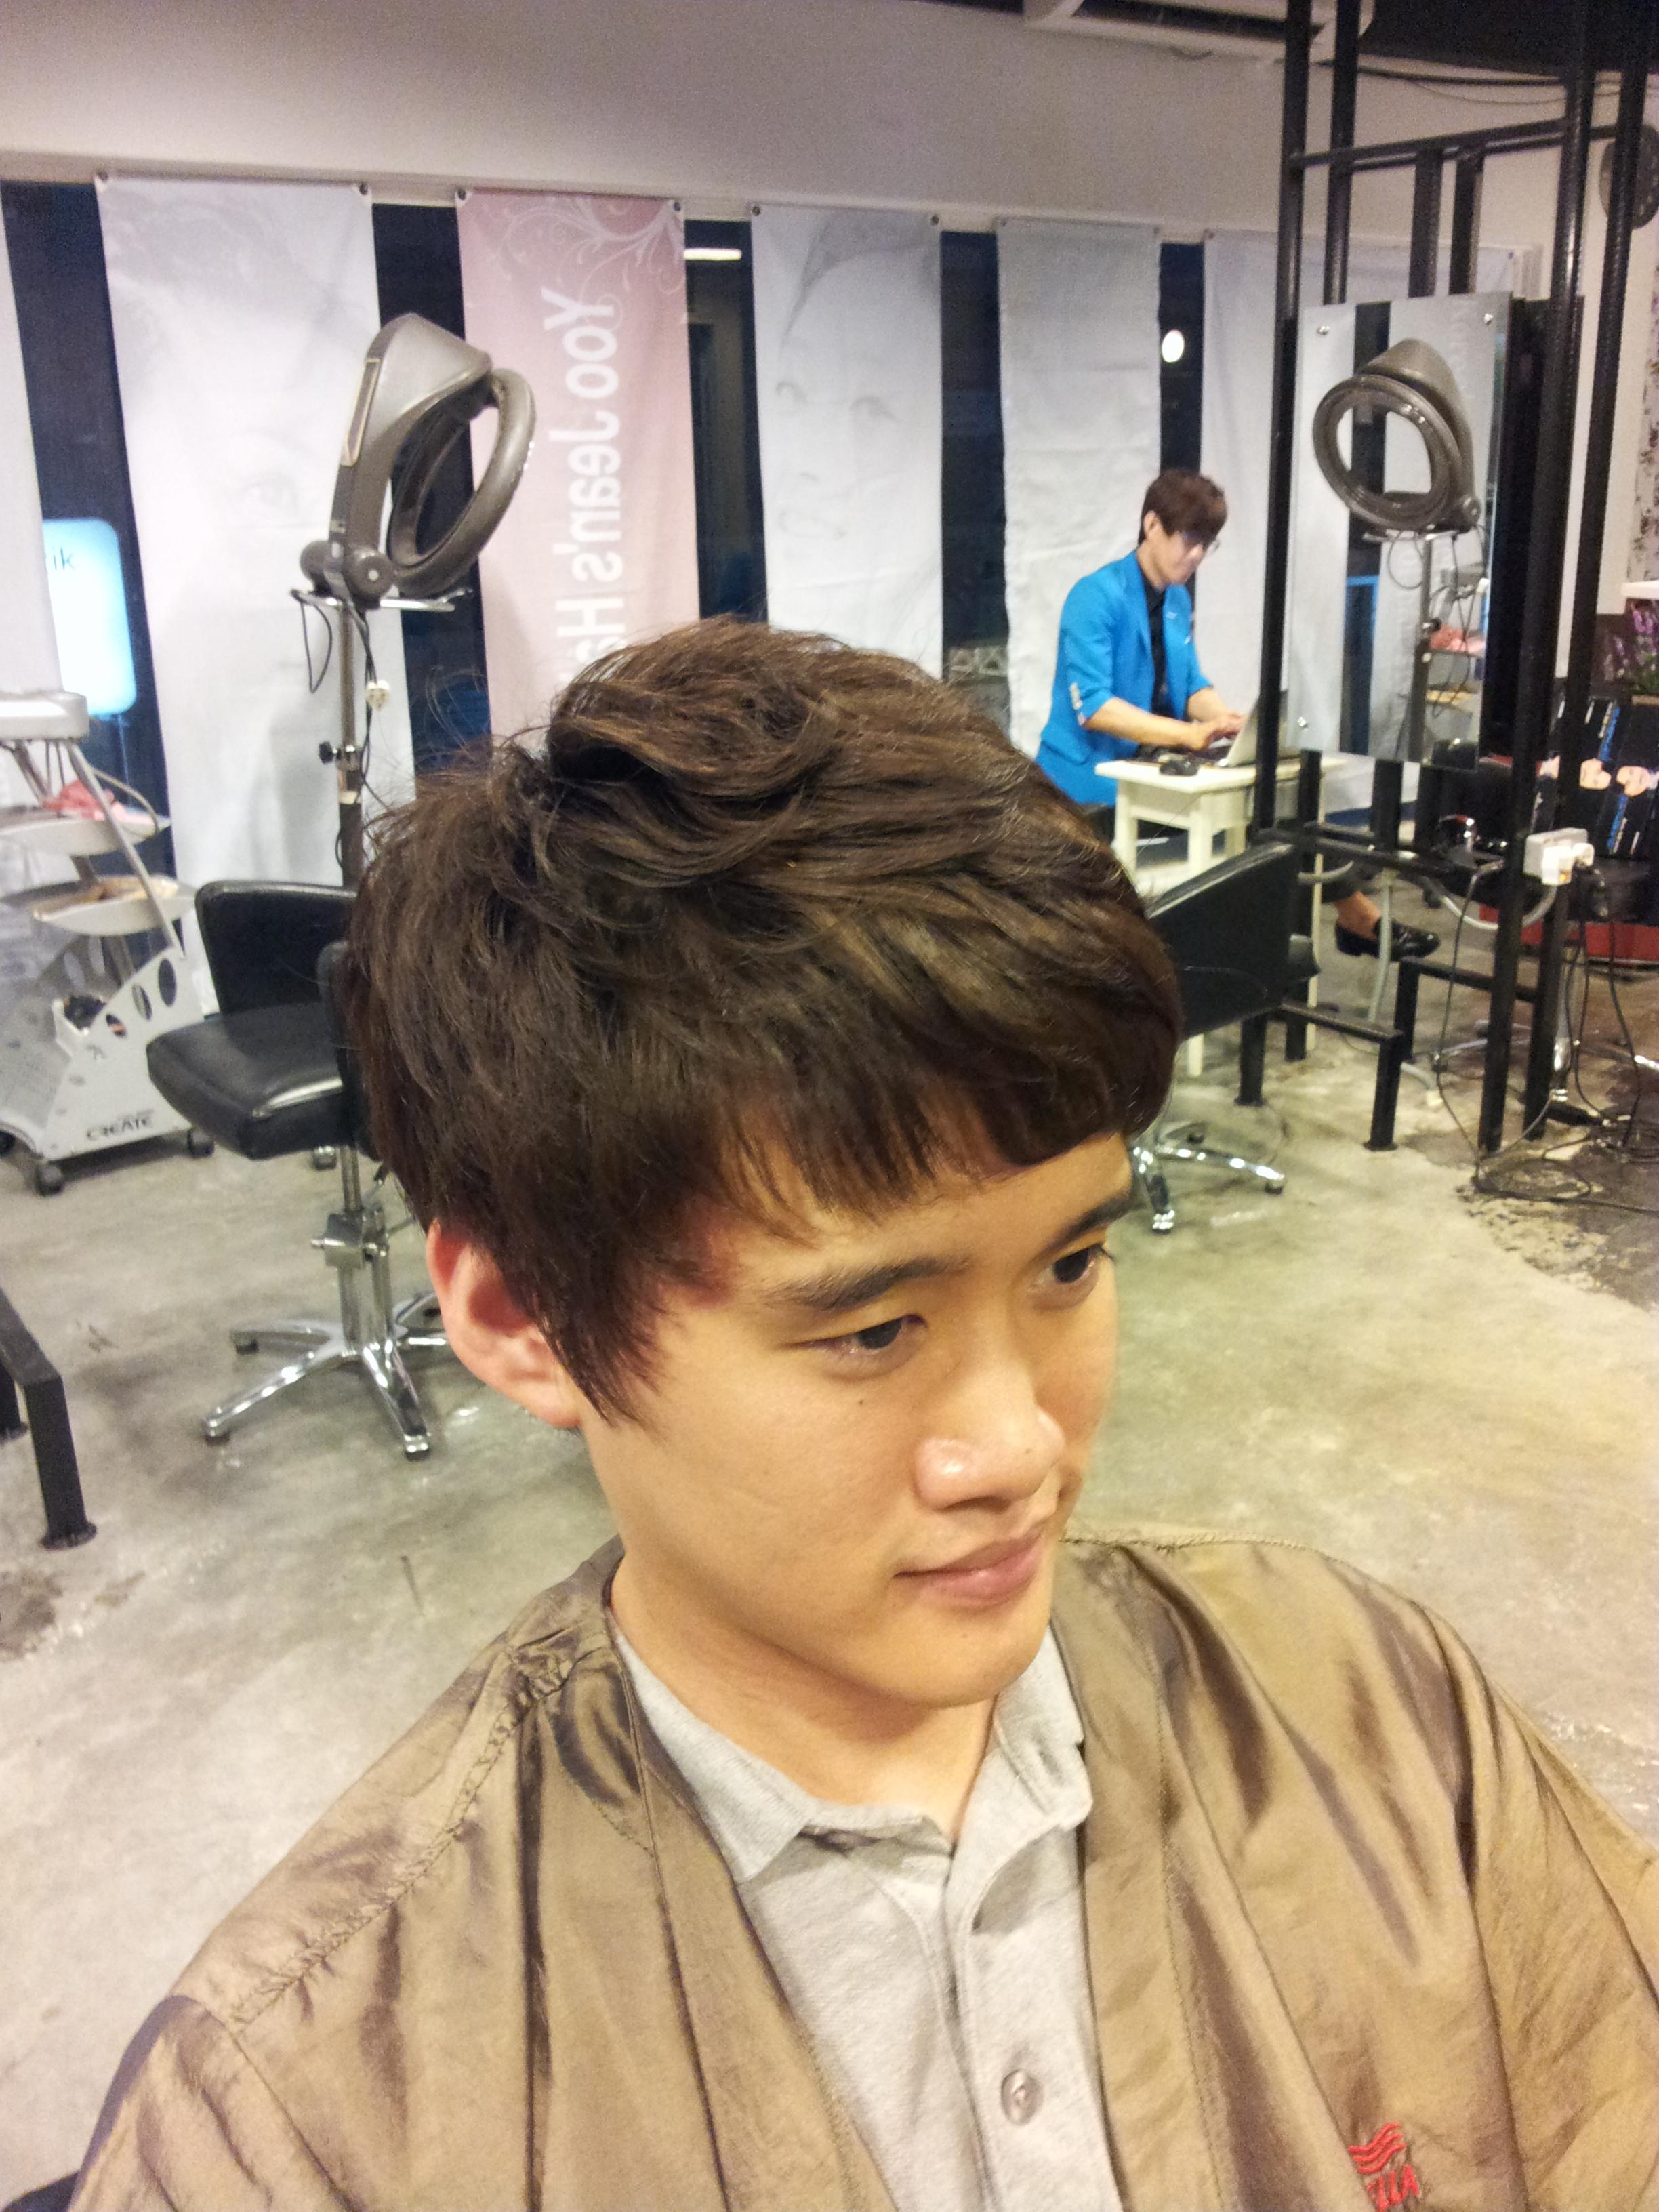 Straight hair perm guys - 20140228_194059 20140228_194221